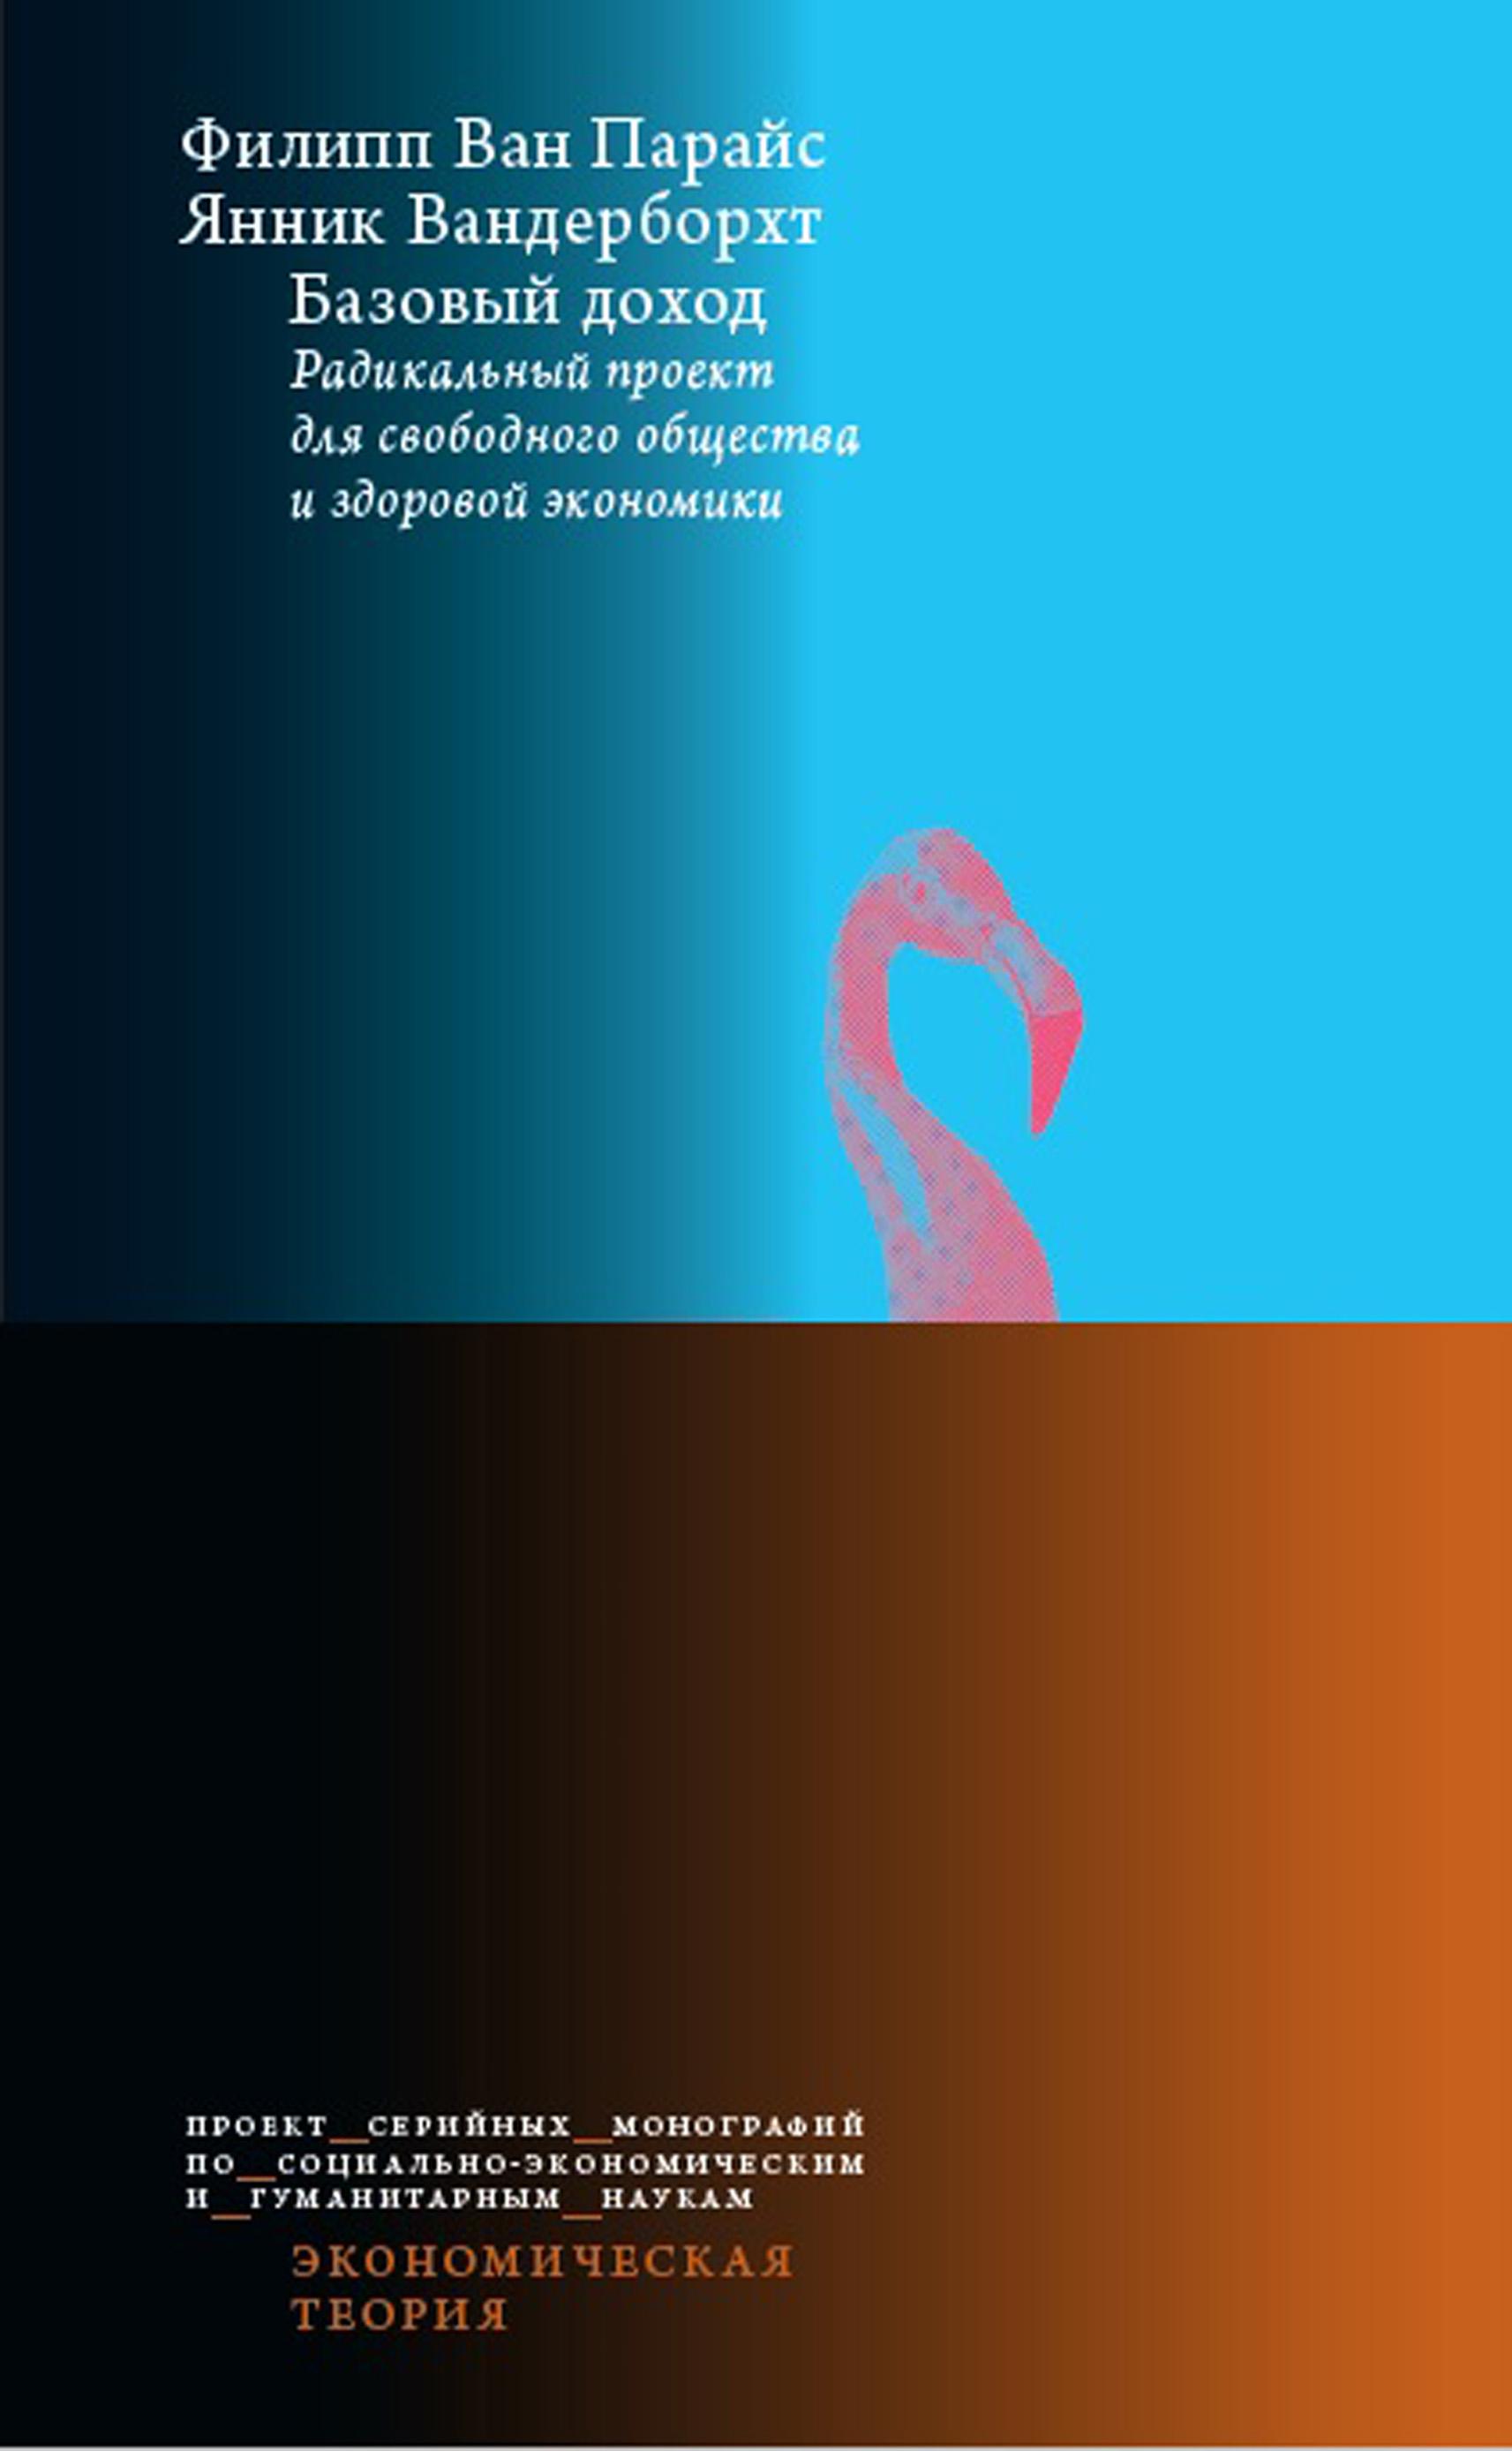 Купить книгу Базовый доход. Радикальный проект для свободного общества и здоровой экономики, автора Филиппа Вана Парайса